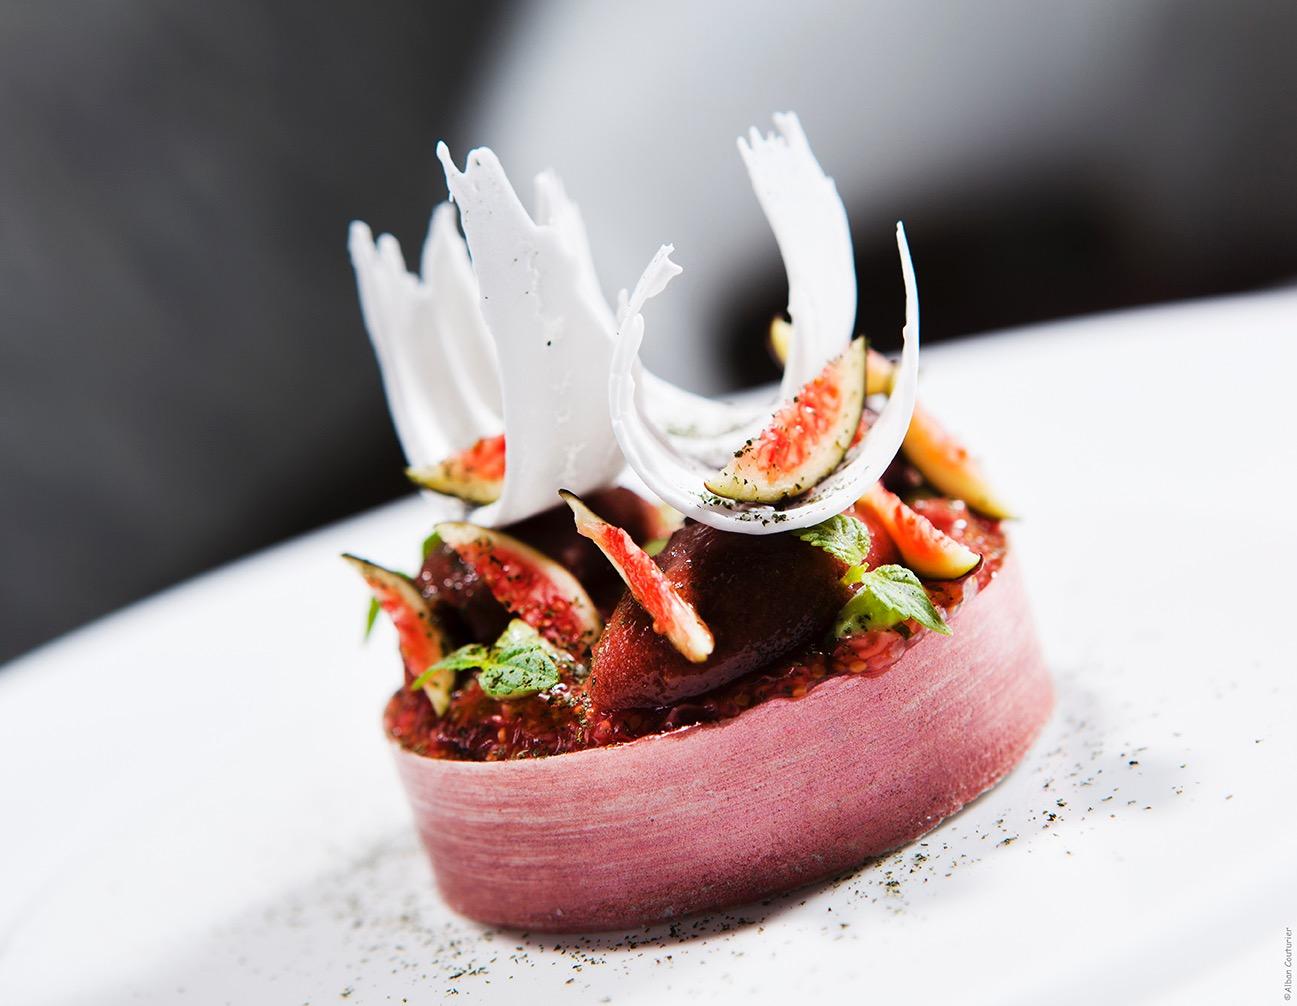 Creation sucree Yann Couvreur, chef Patissier, epoque Prince de Galles, Tarte Fine à La figue, petale de noix de coco, ©Alban Couturier